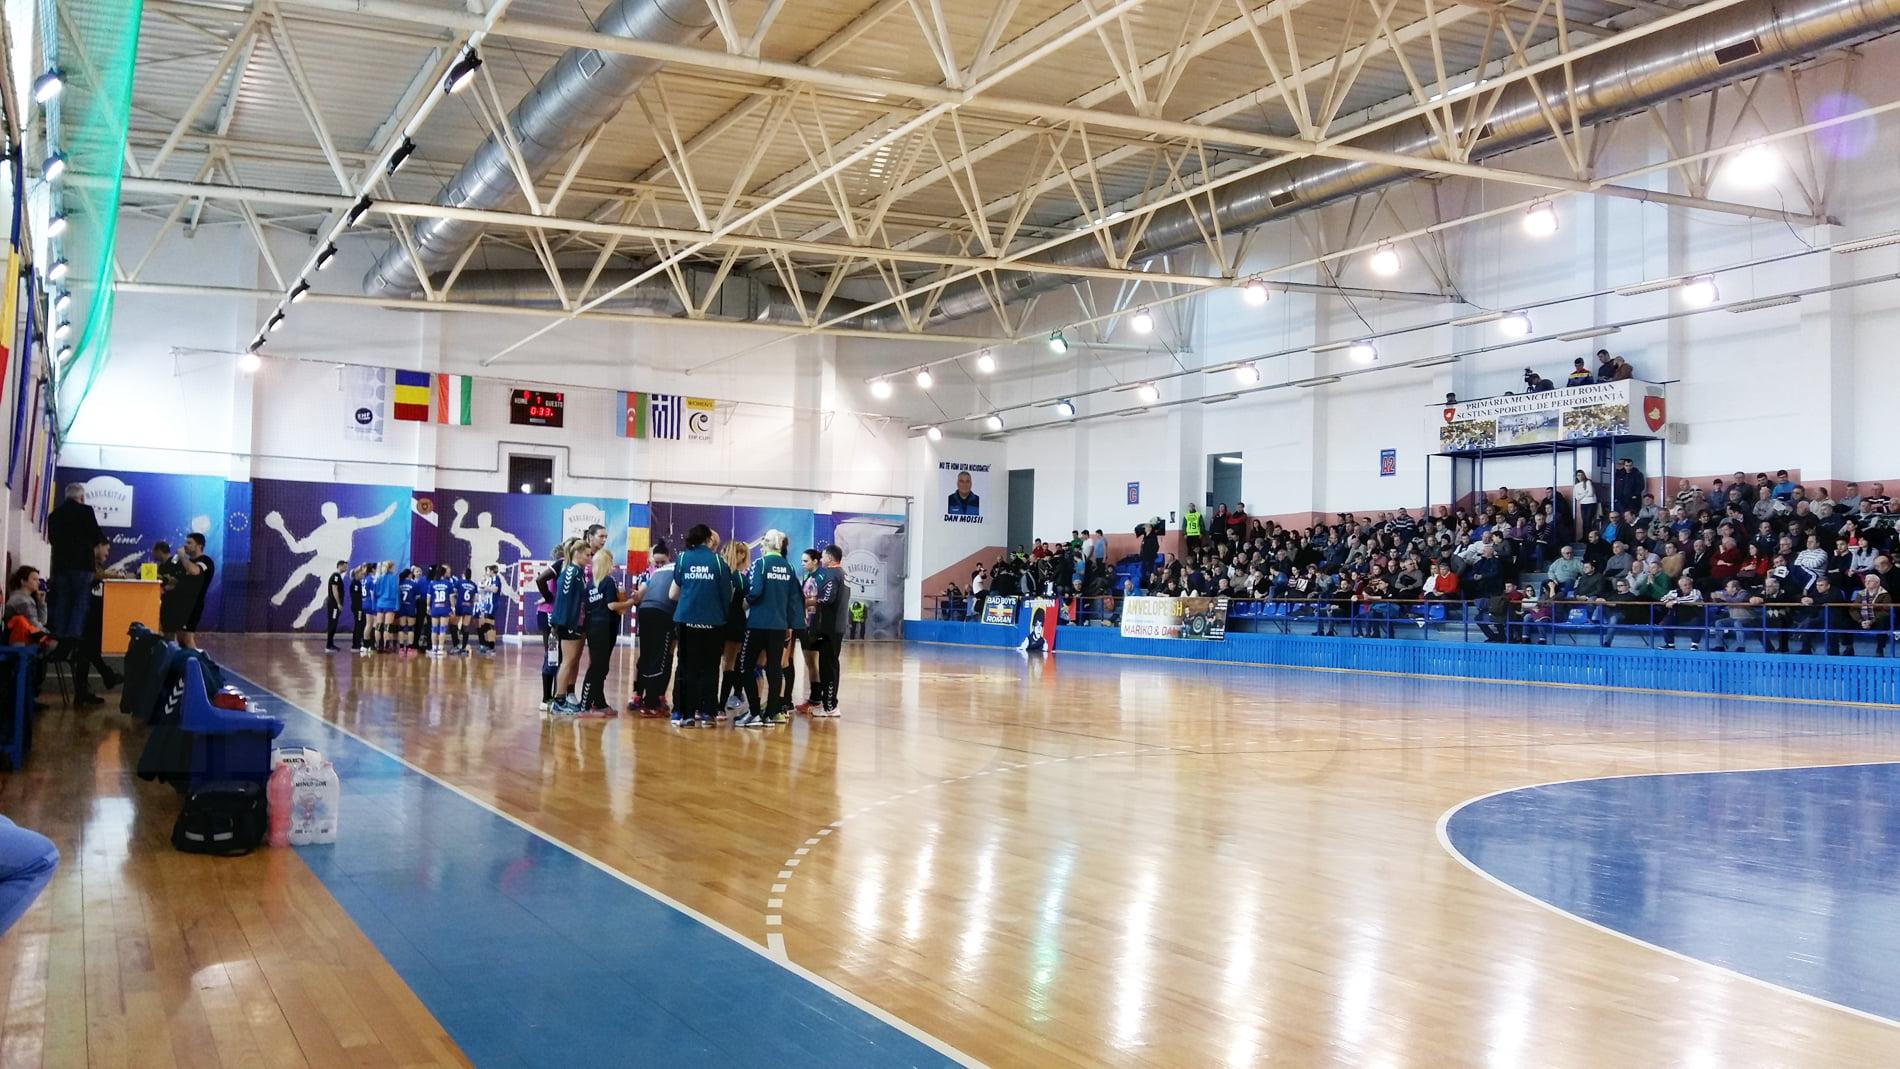 Sancțiuni la echipa de handbal CSM Roman, după rezultatele dezamăgitoare din ultima perioadă